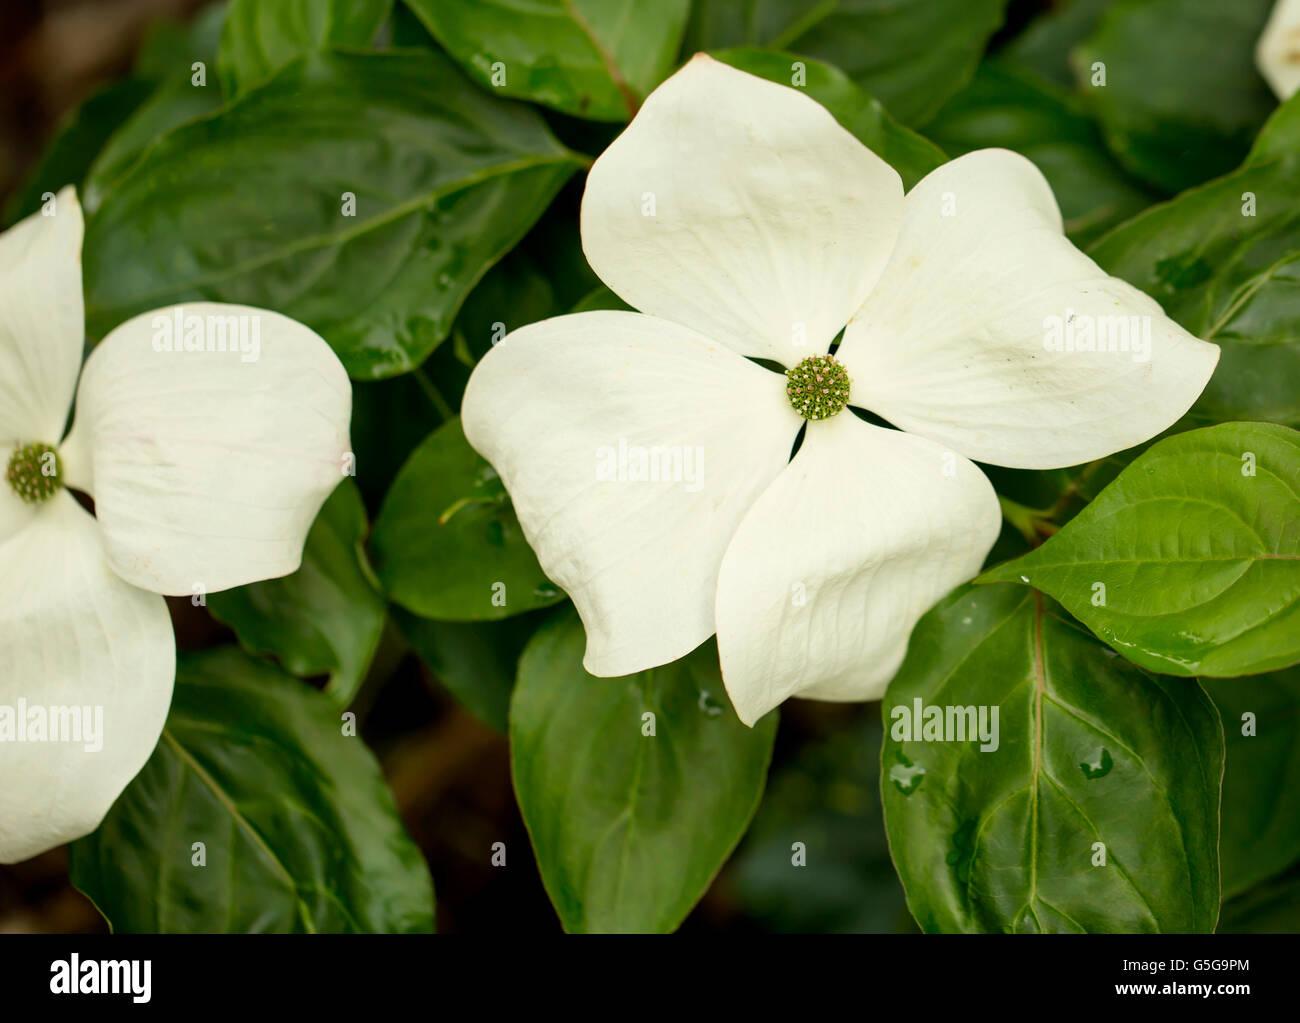 Fiori Bianchi Con Quattro Petali.Fiore Bianco Cornus Venus E Un Fiore Bianco Che Cresce In